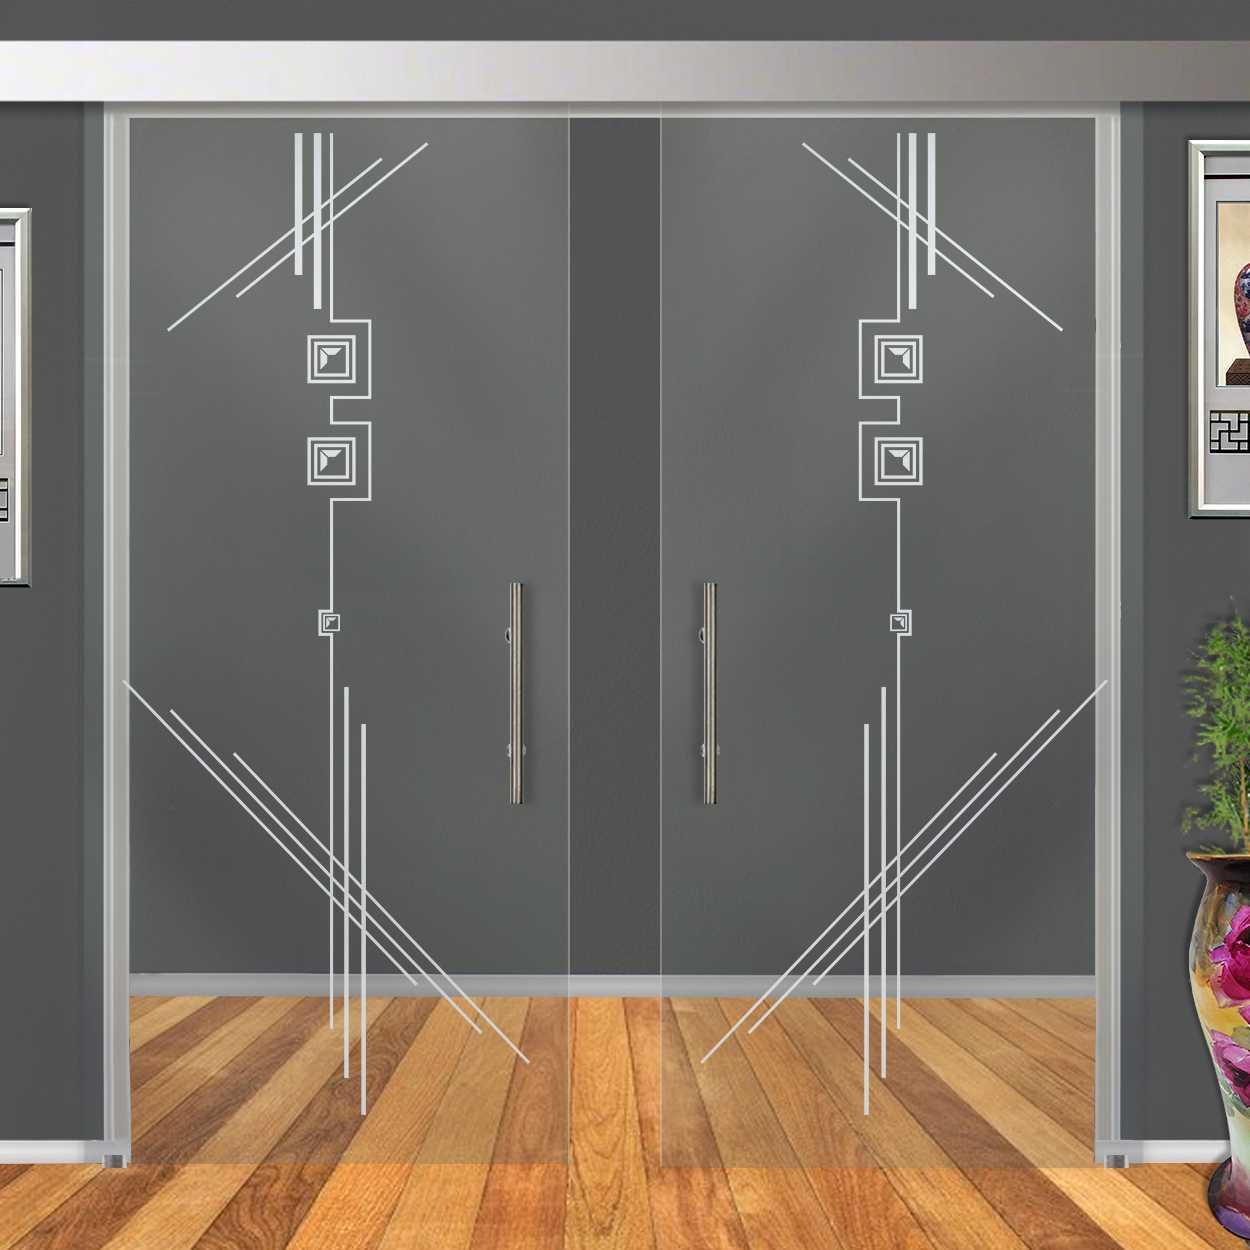 Glass Barn Sliding Doors: Double Glass Sliding Barn Doors With Sliding System